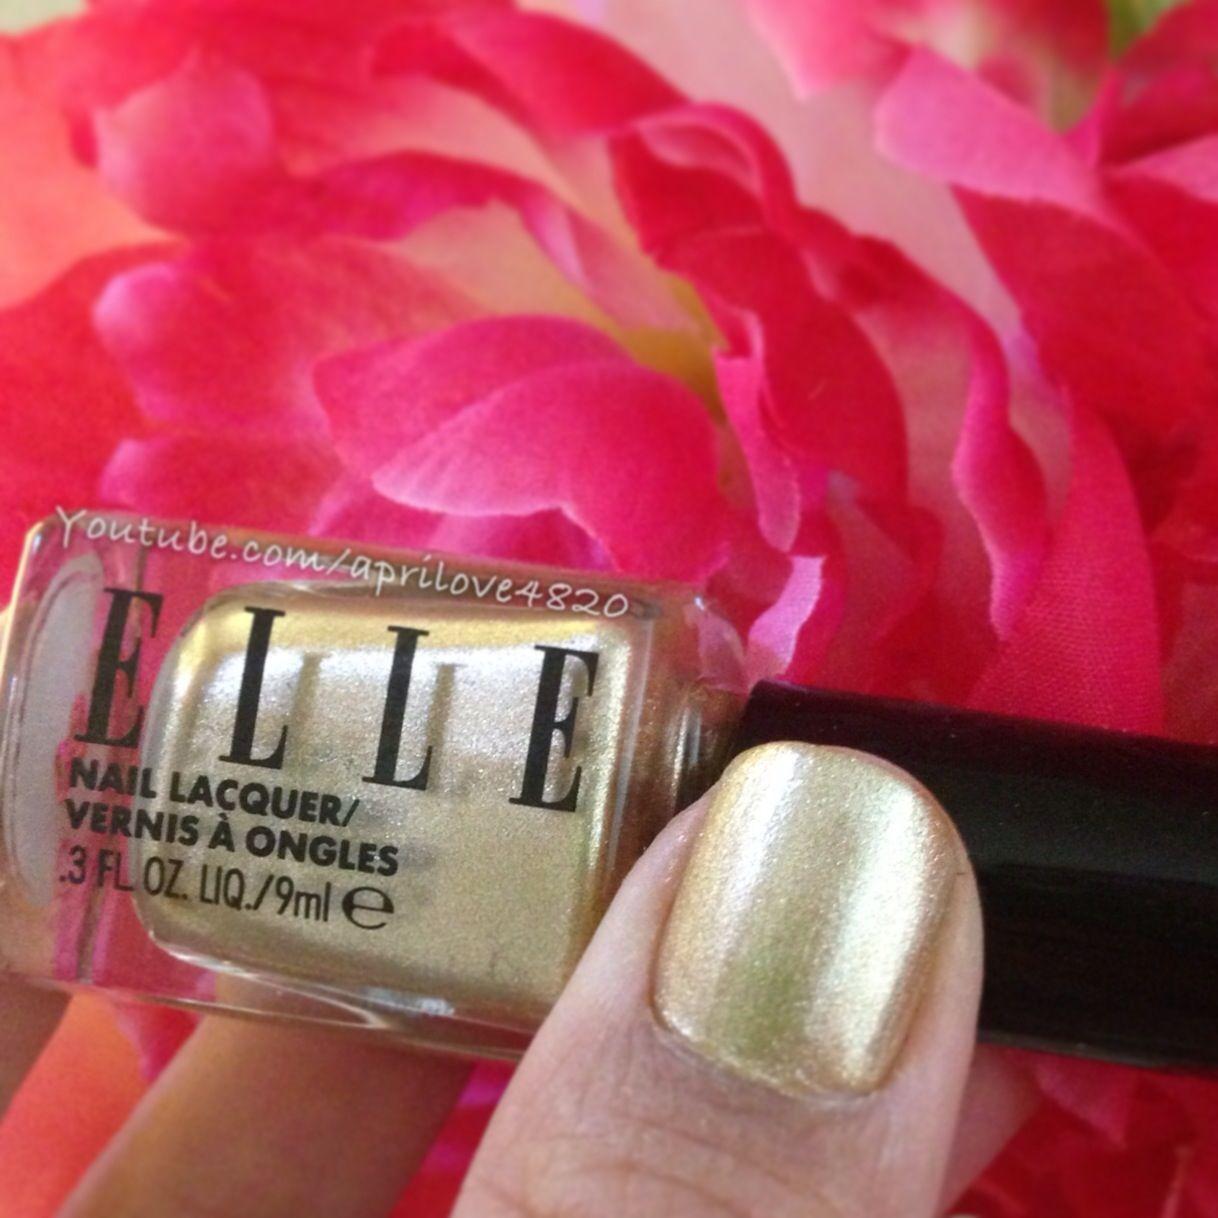 Elle nail polish swatch #nails #nail polish swatch #nail polish swatches #nail art #gold polish #gold nails #nail polish #gold nail polish